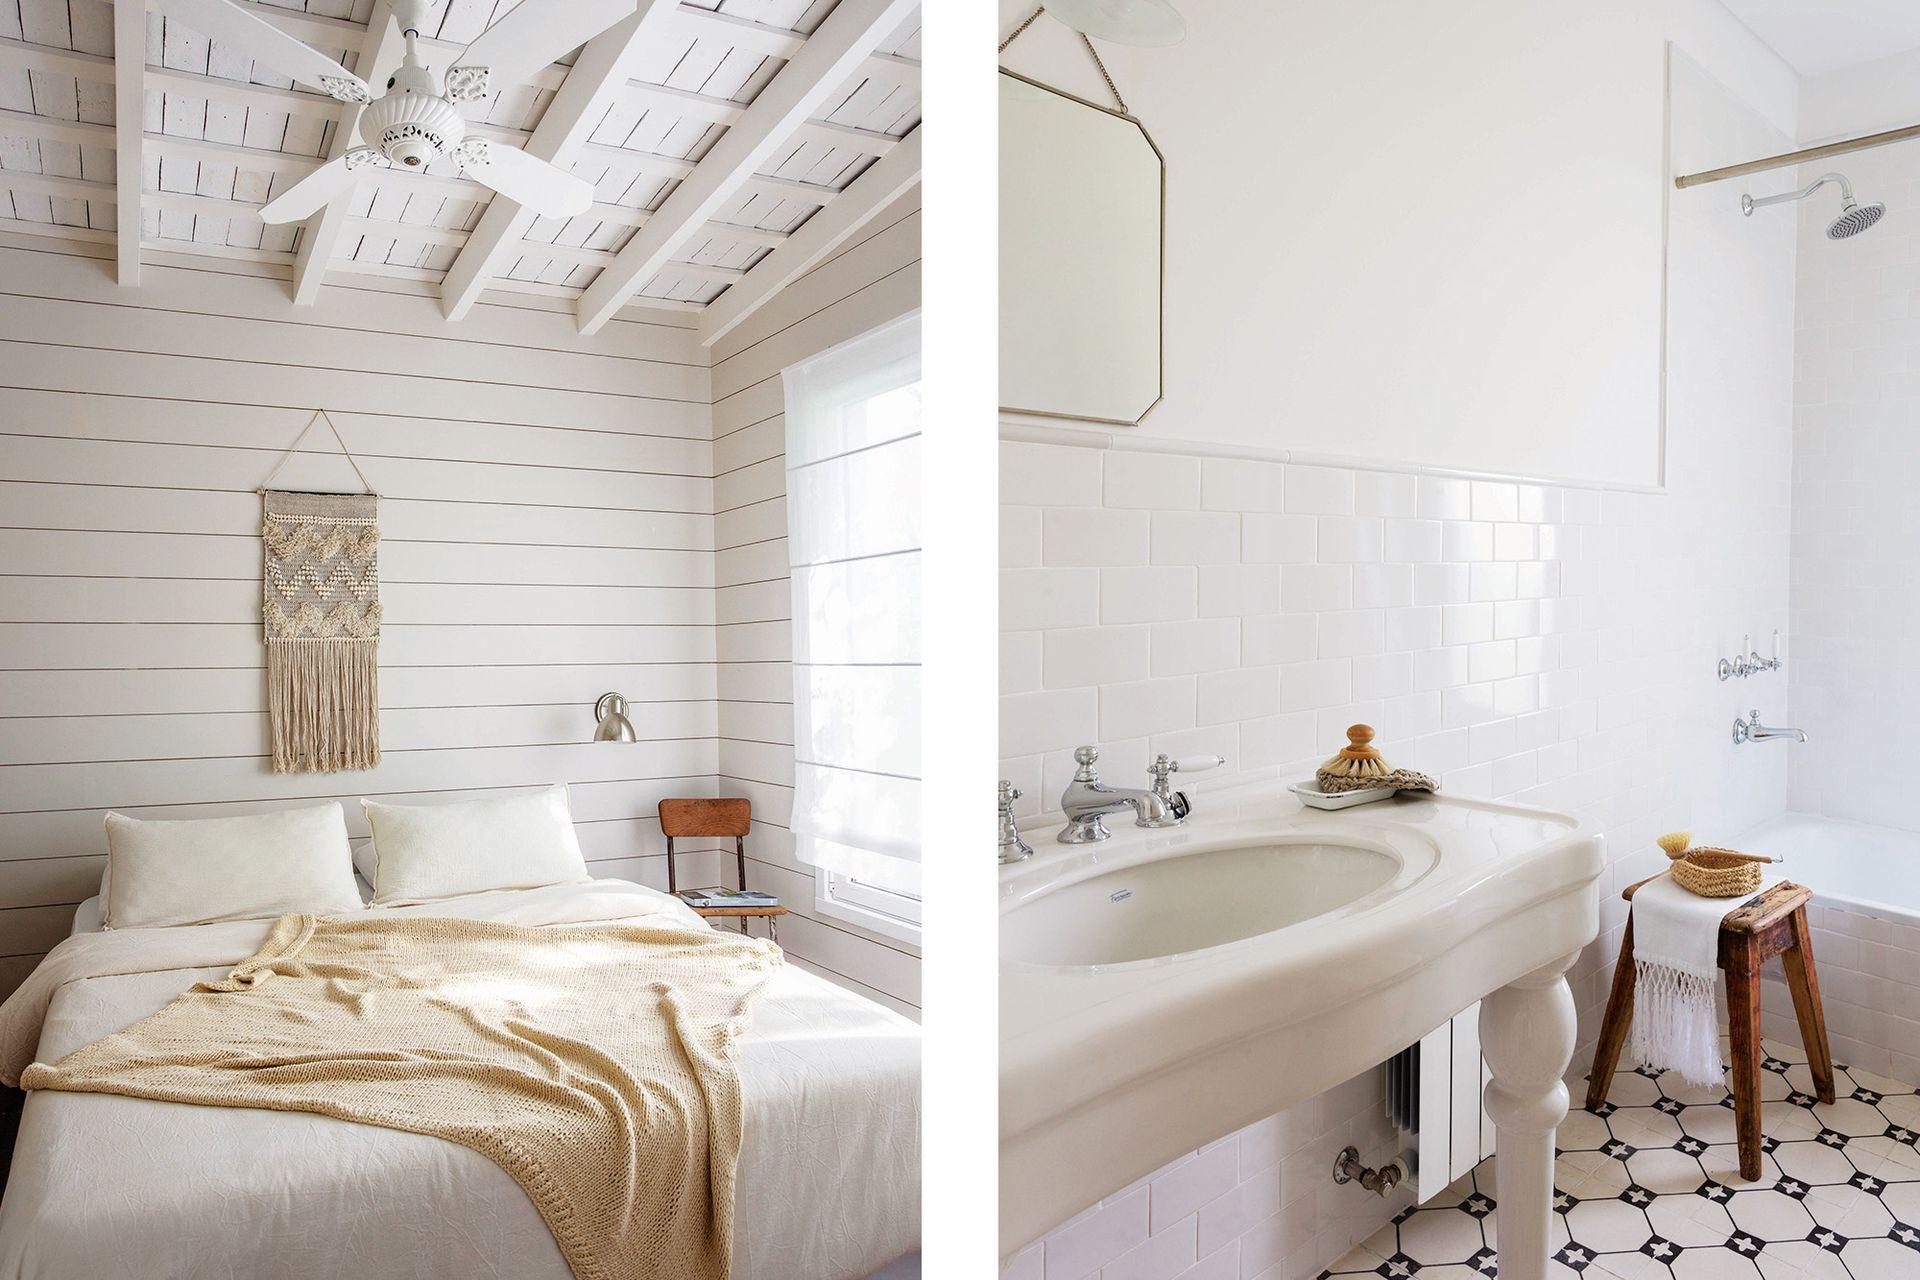 ¡Qué difícil encontrar ventiladores de techo con lindo diseño! Estos van perfecto (Oliver Sur).